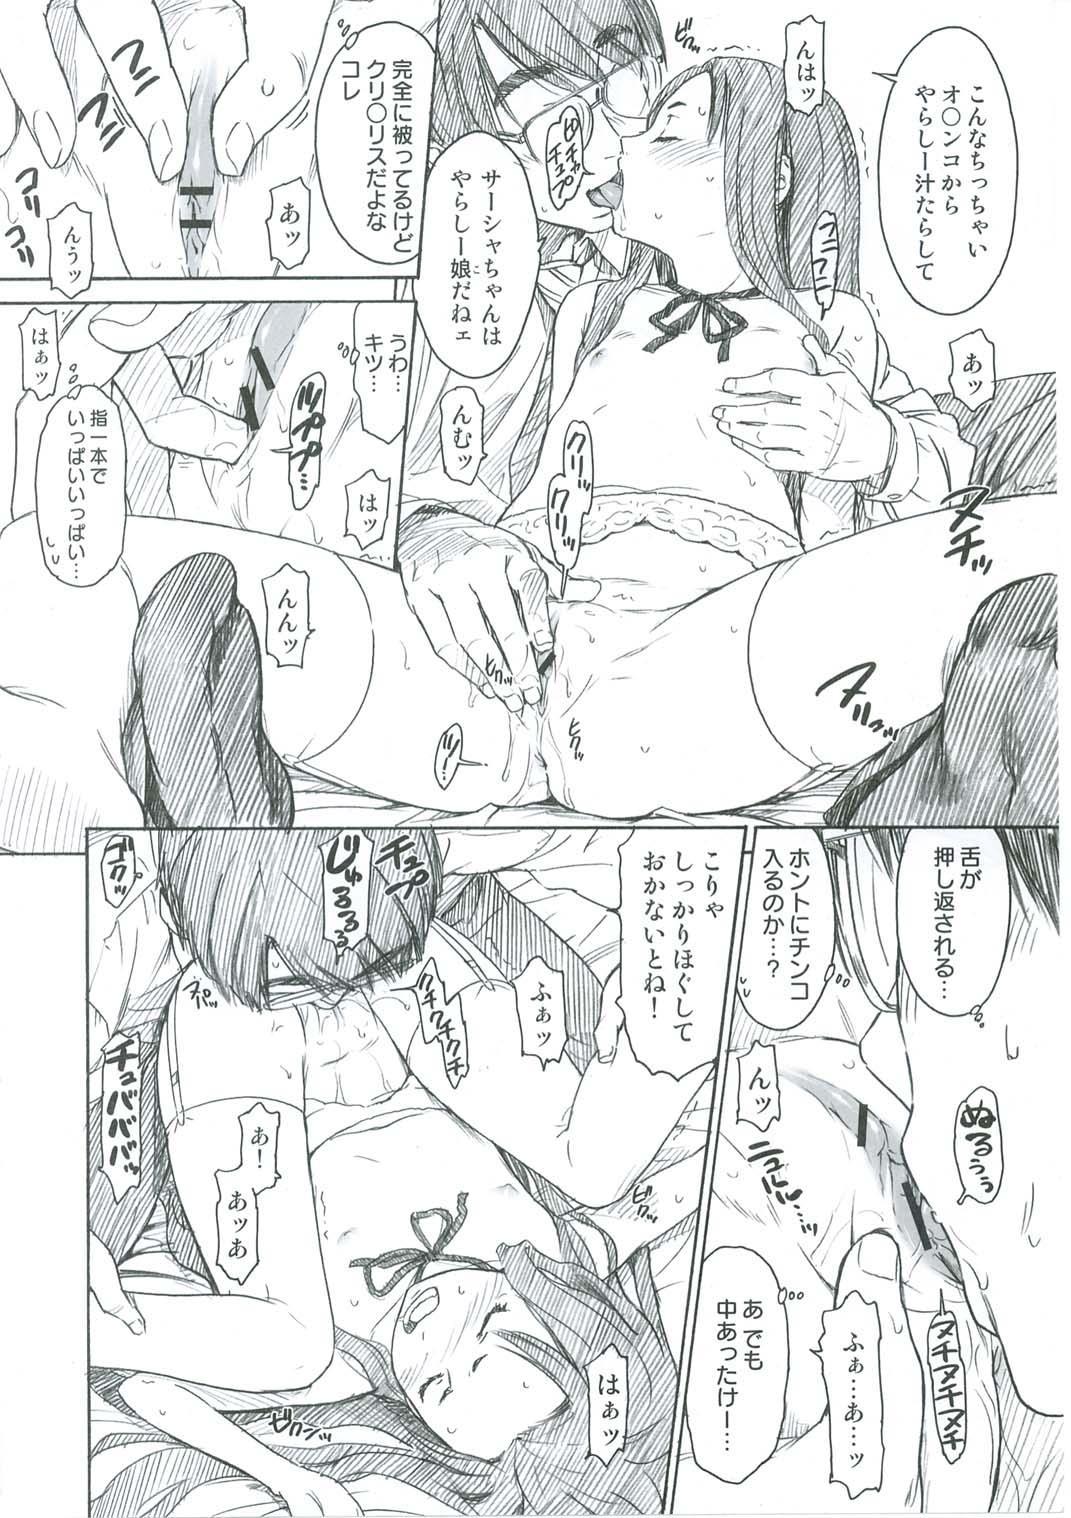 Shoujo Material Fukusei Genga Kounyuusha Gentei Tokuten Girl Scouts 9